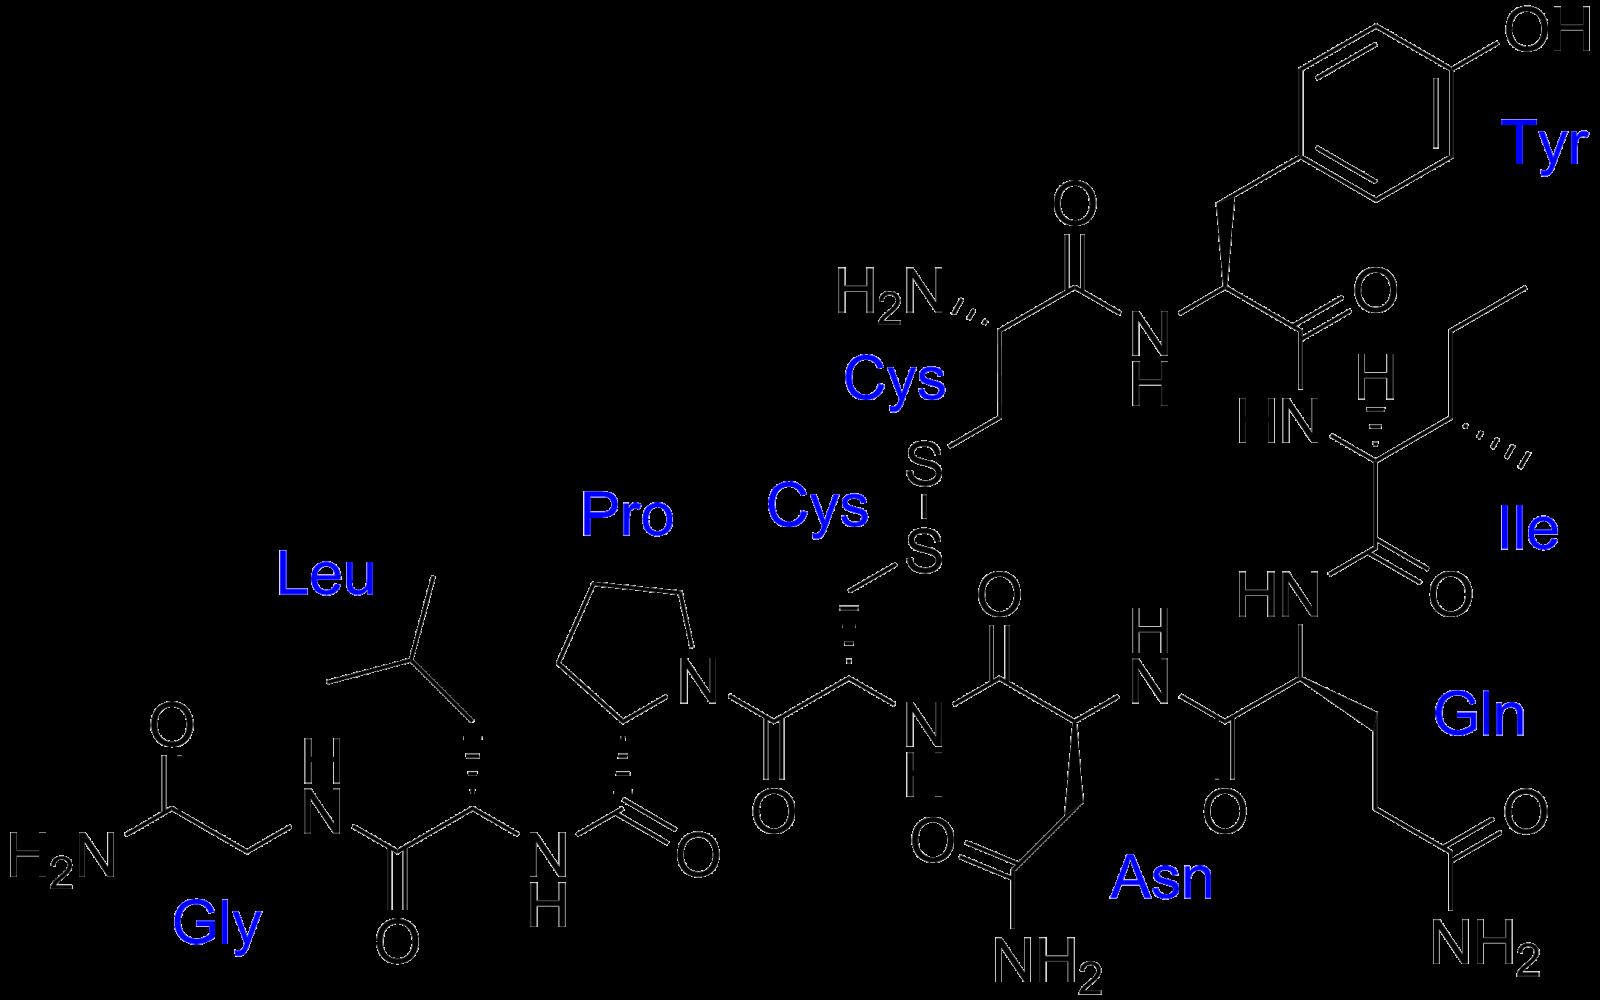 האוקסיטוצין הורמון החברתי השלישי בסדרת הורמוני האושר